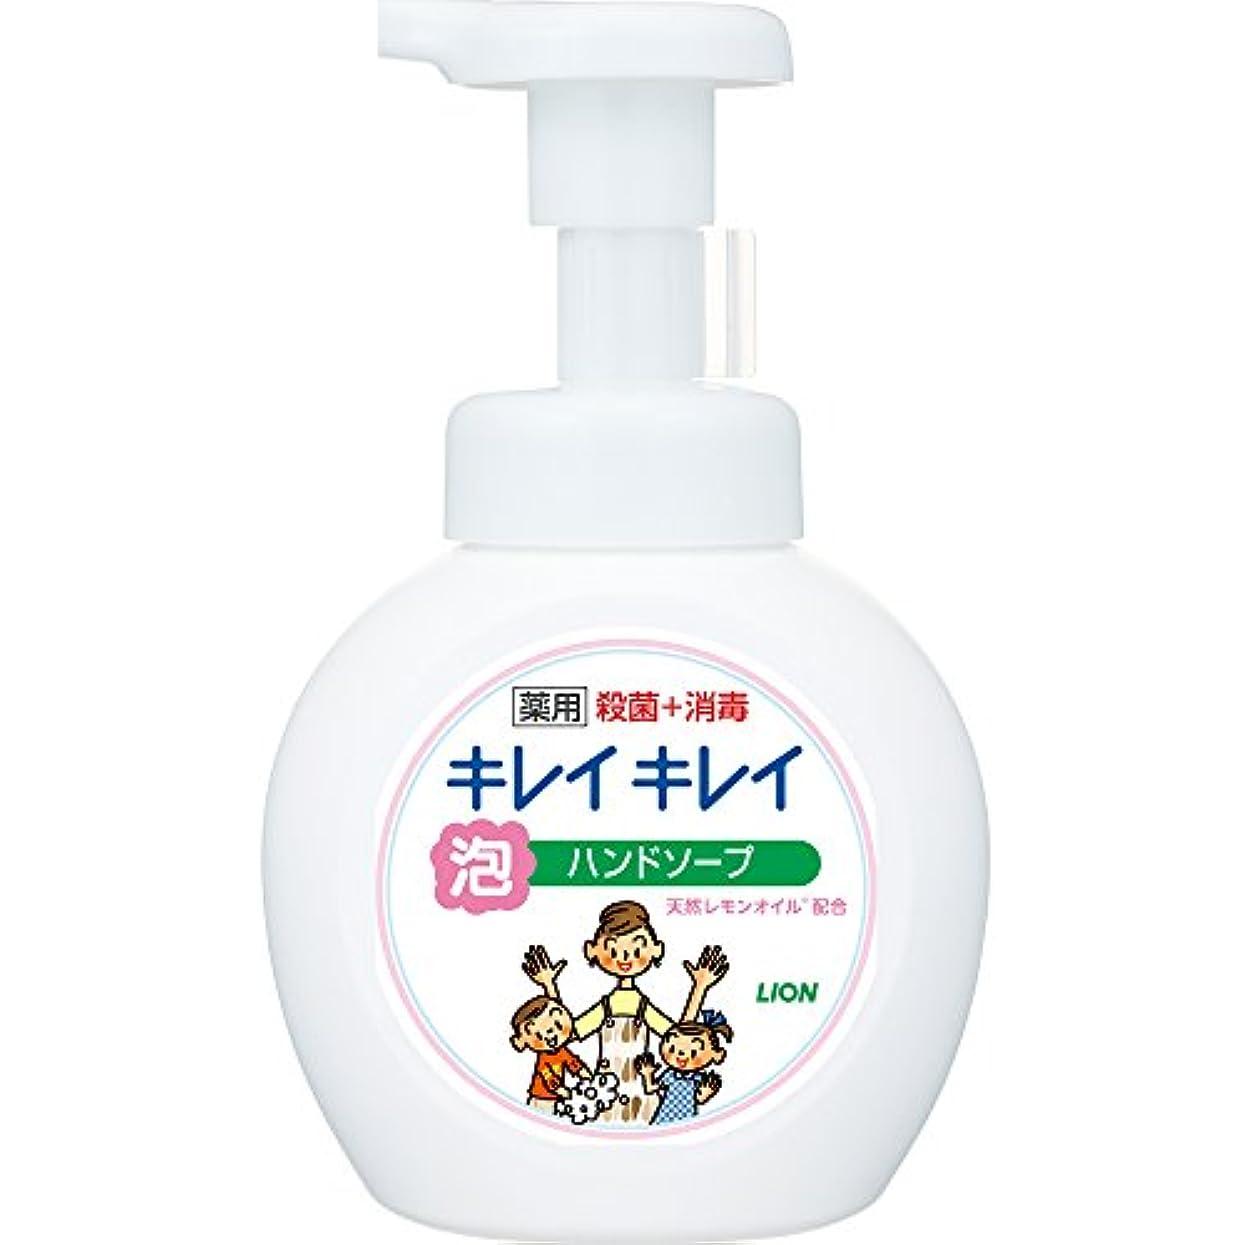 昇進共産主義者スマッシュキレイキレイ 薬用 泡ハンドソープ シトラスフルーティの香り 本体ポンプ 250ml(医薬部外品)